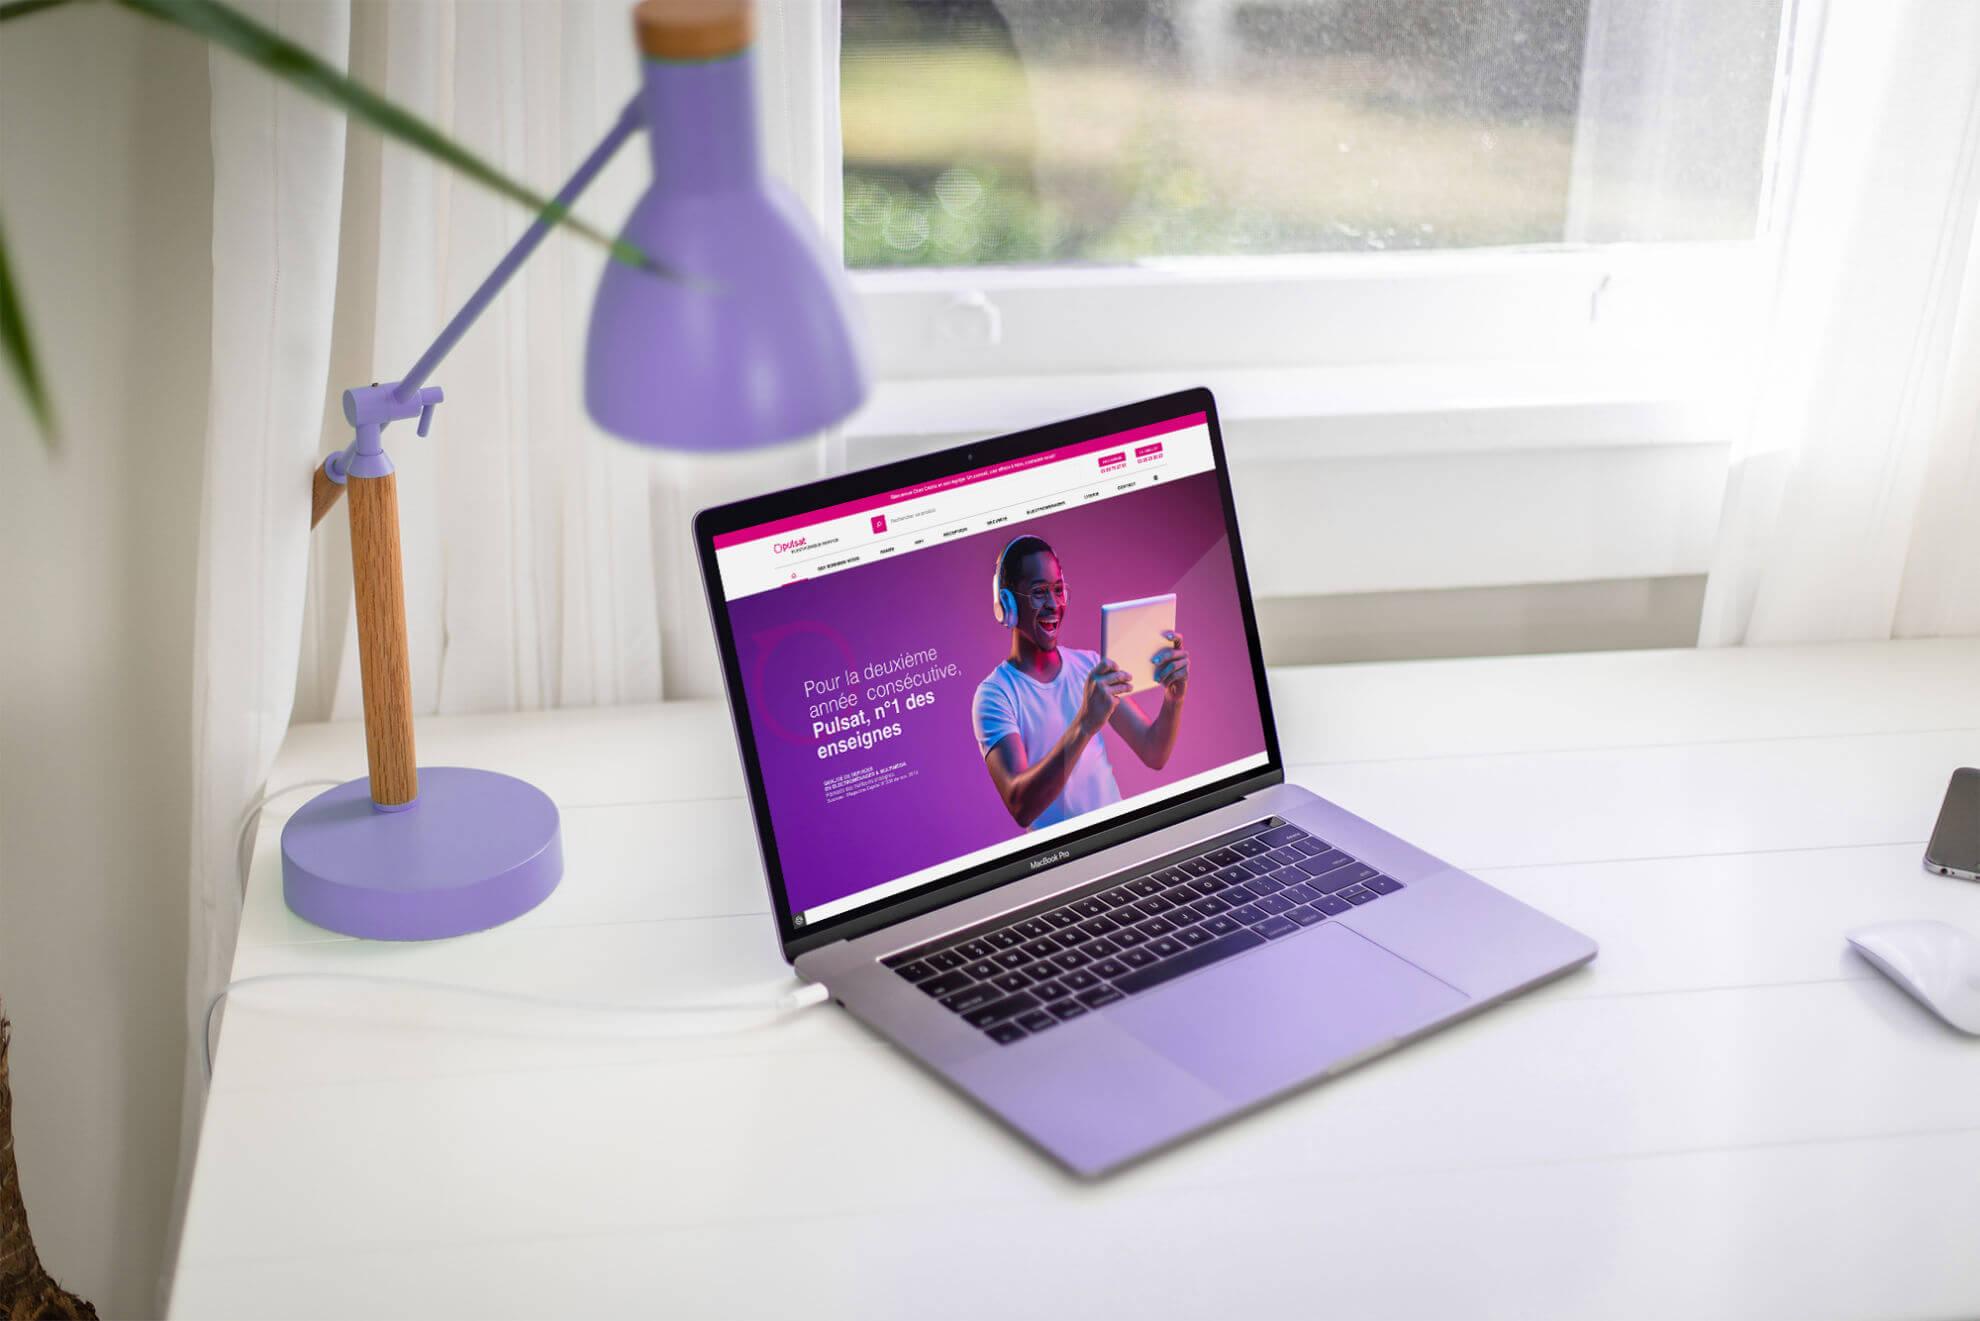 lezardscreation agence communication publicite vosges remiremont pulsat mockup macbook